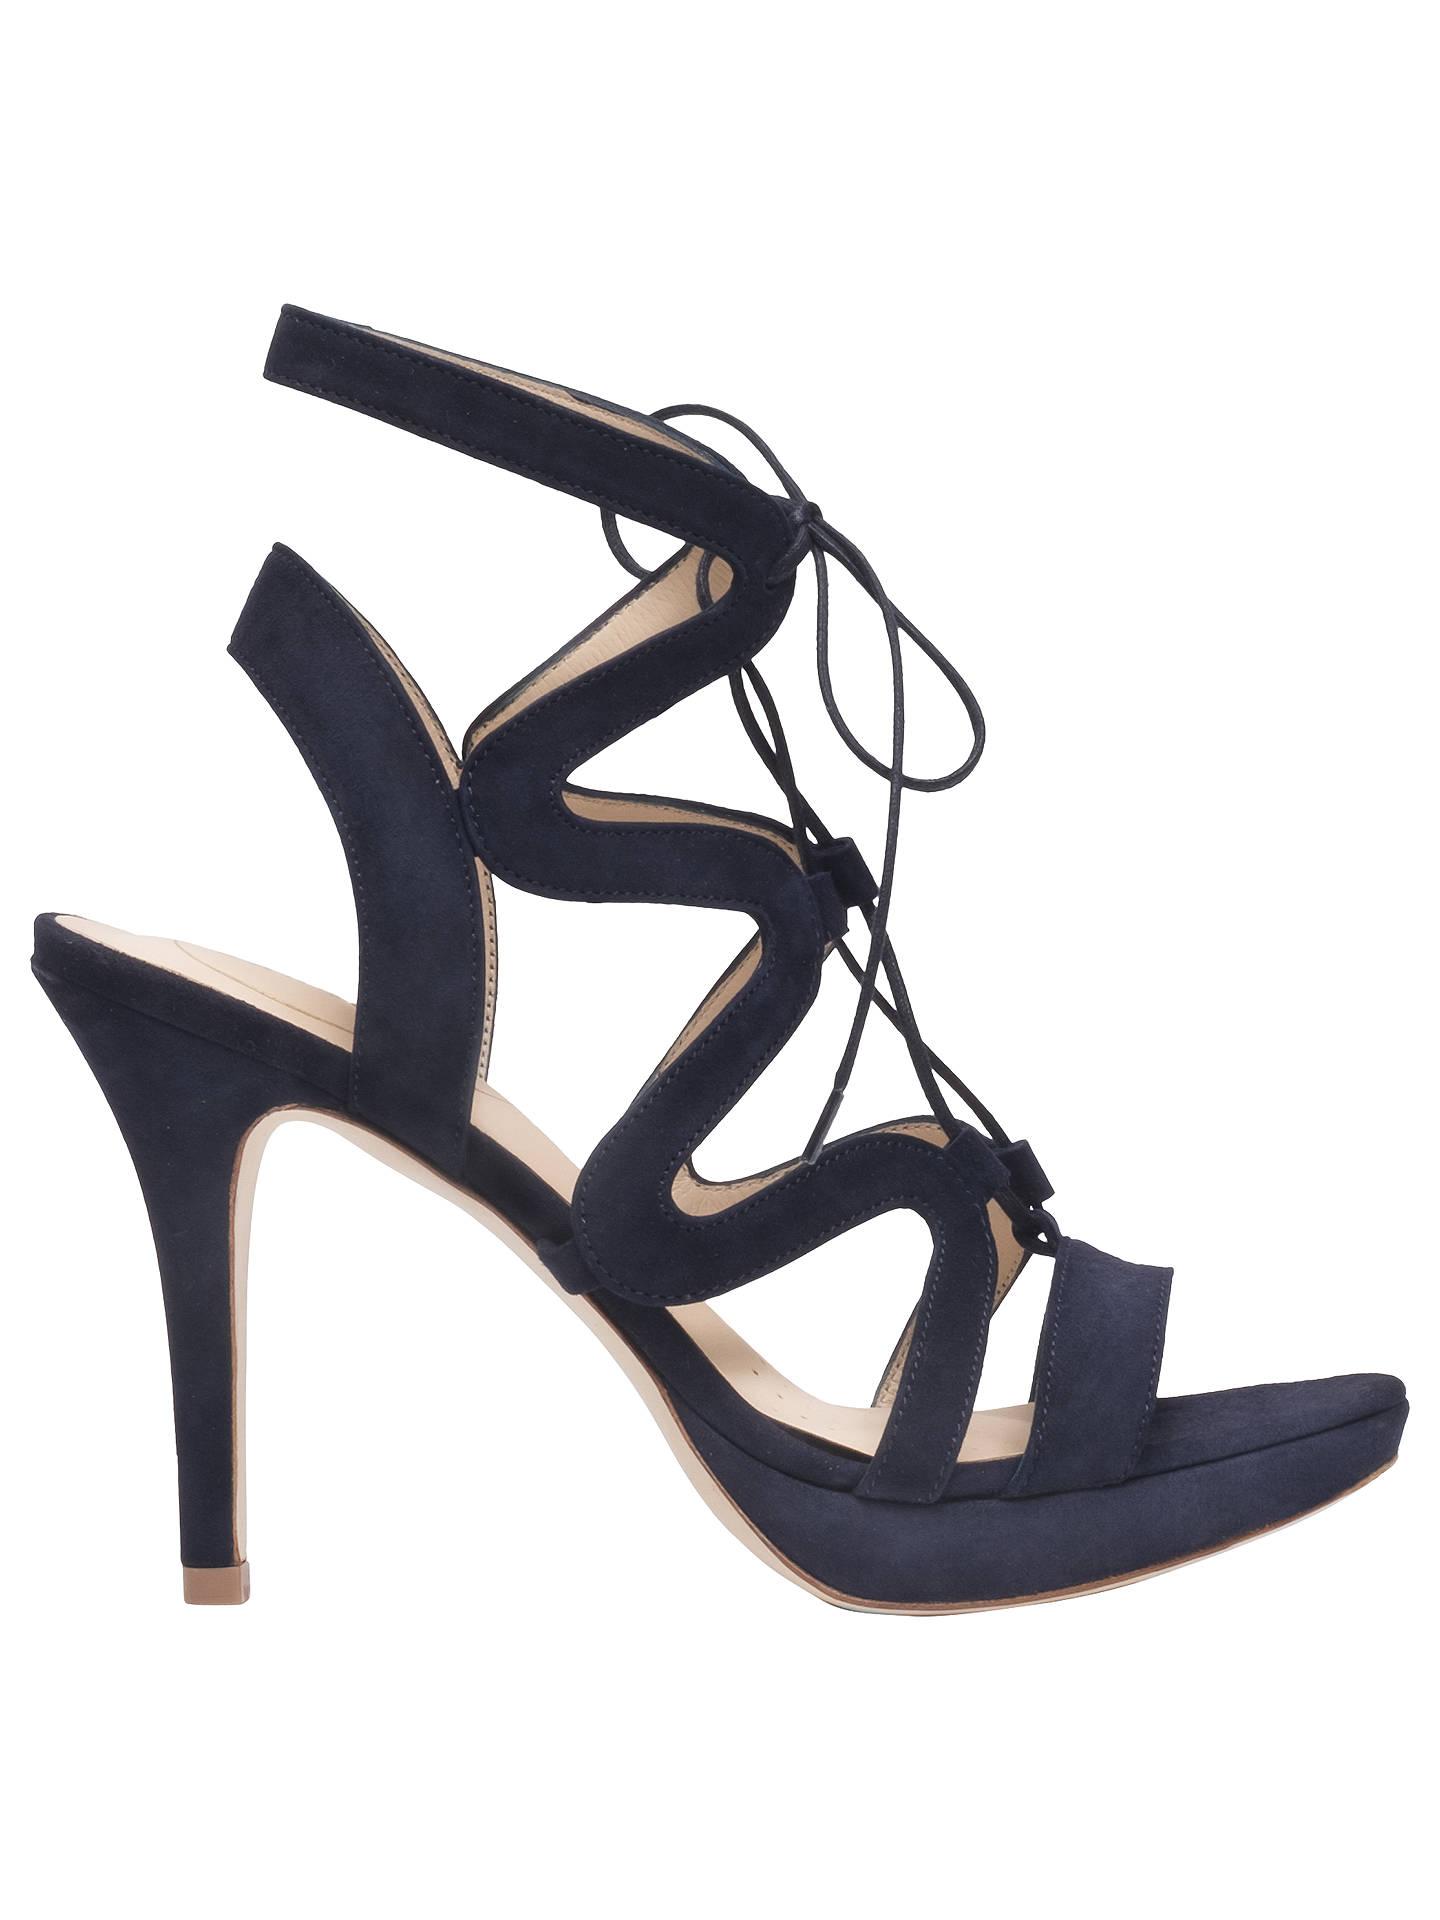 9811960be812 Buy Sargossa Chic Lace Up Stiletto Heel Sandals